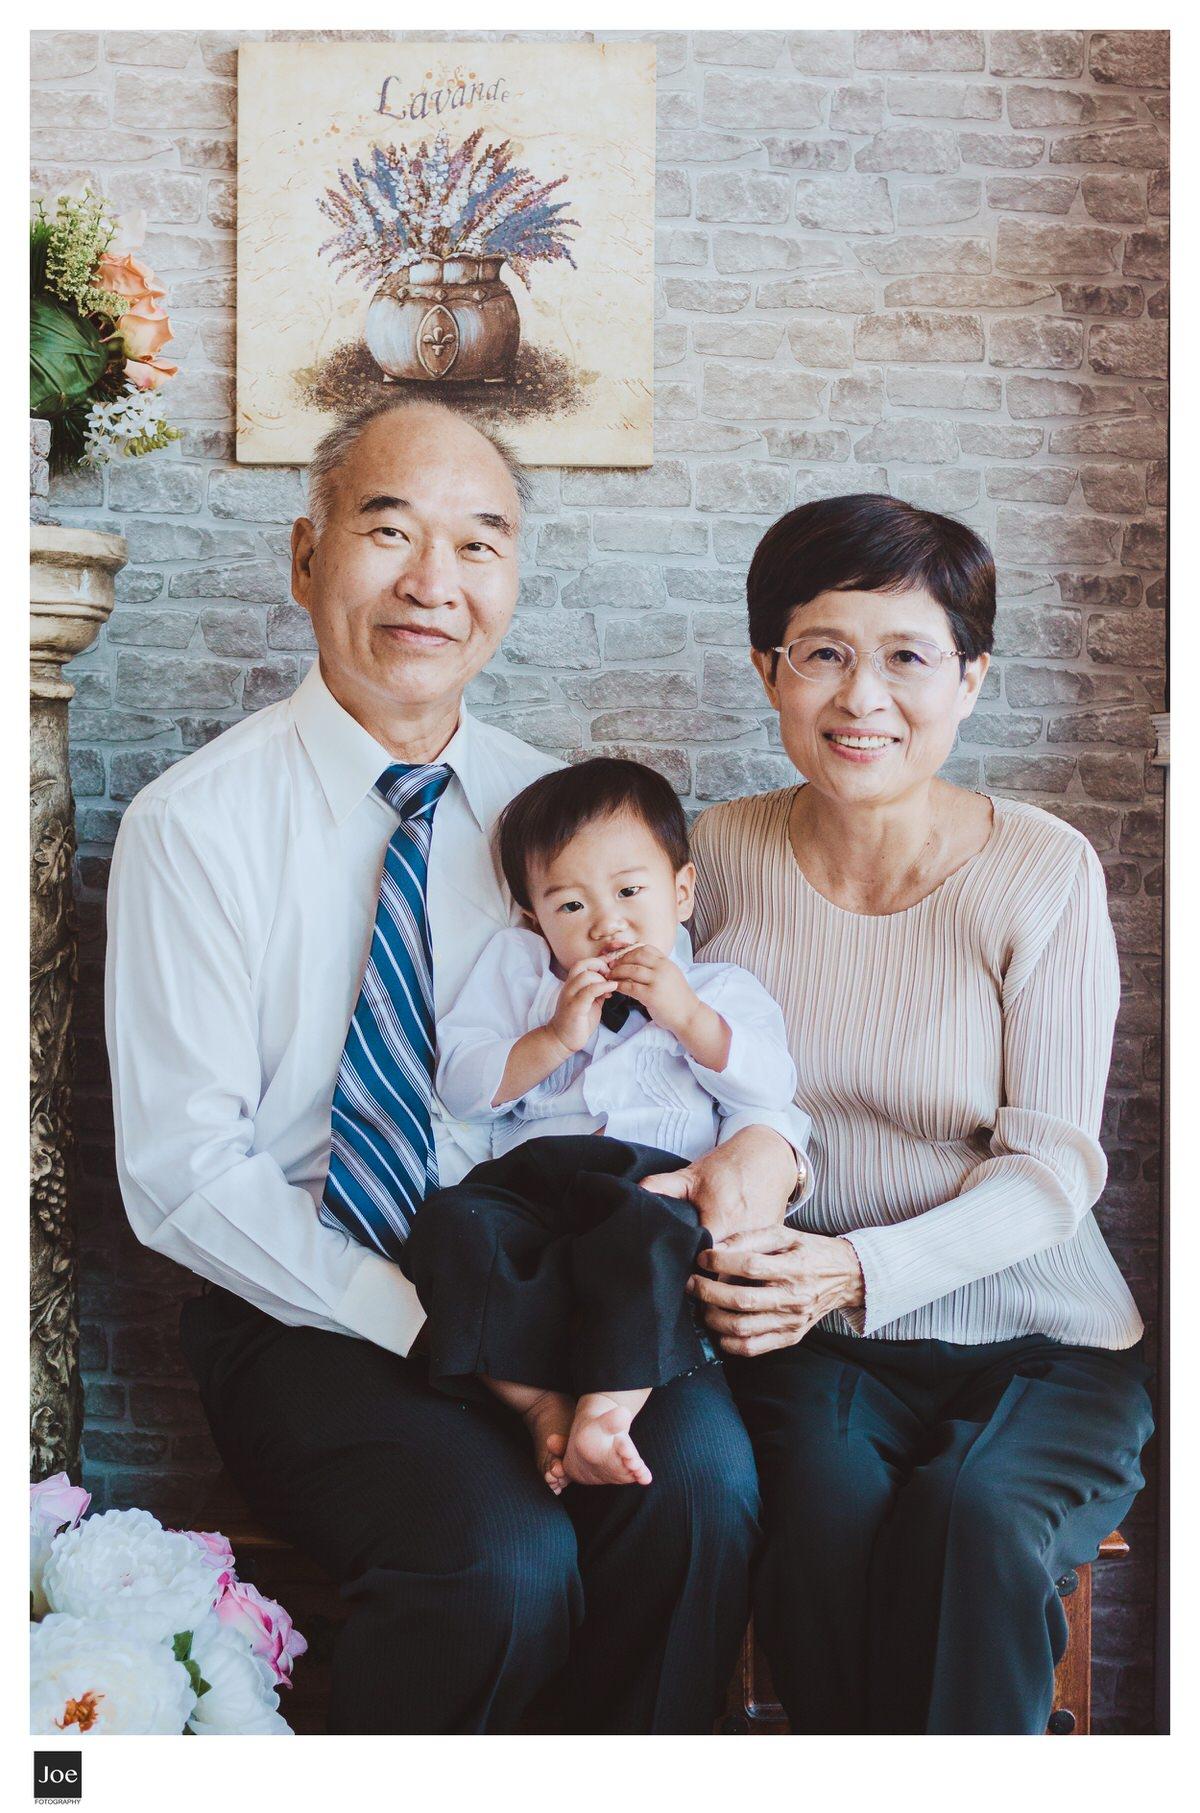 joe-fotography-family-photo-014.jpg